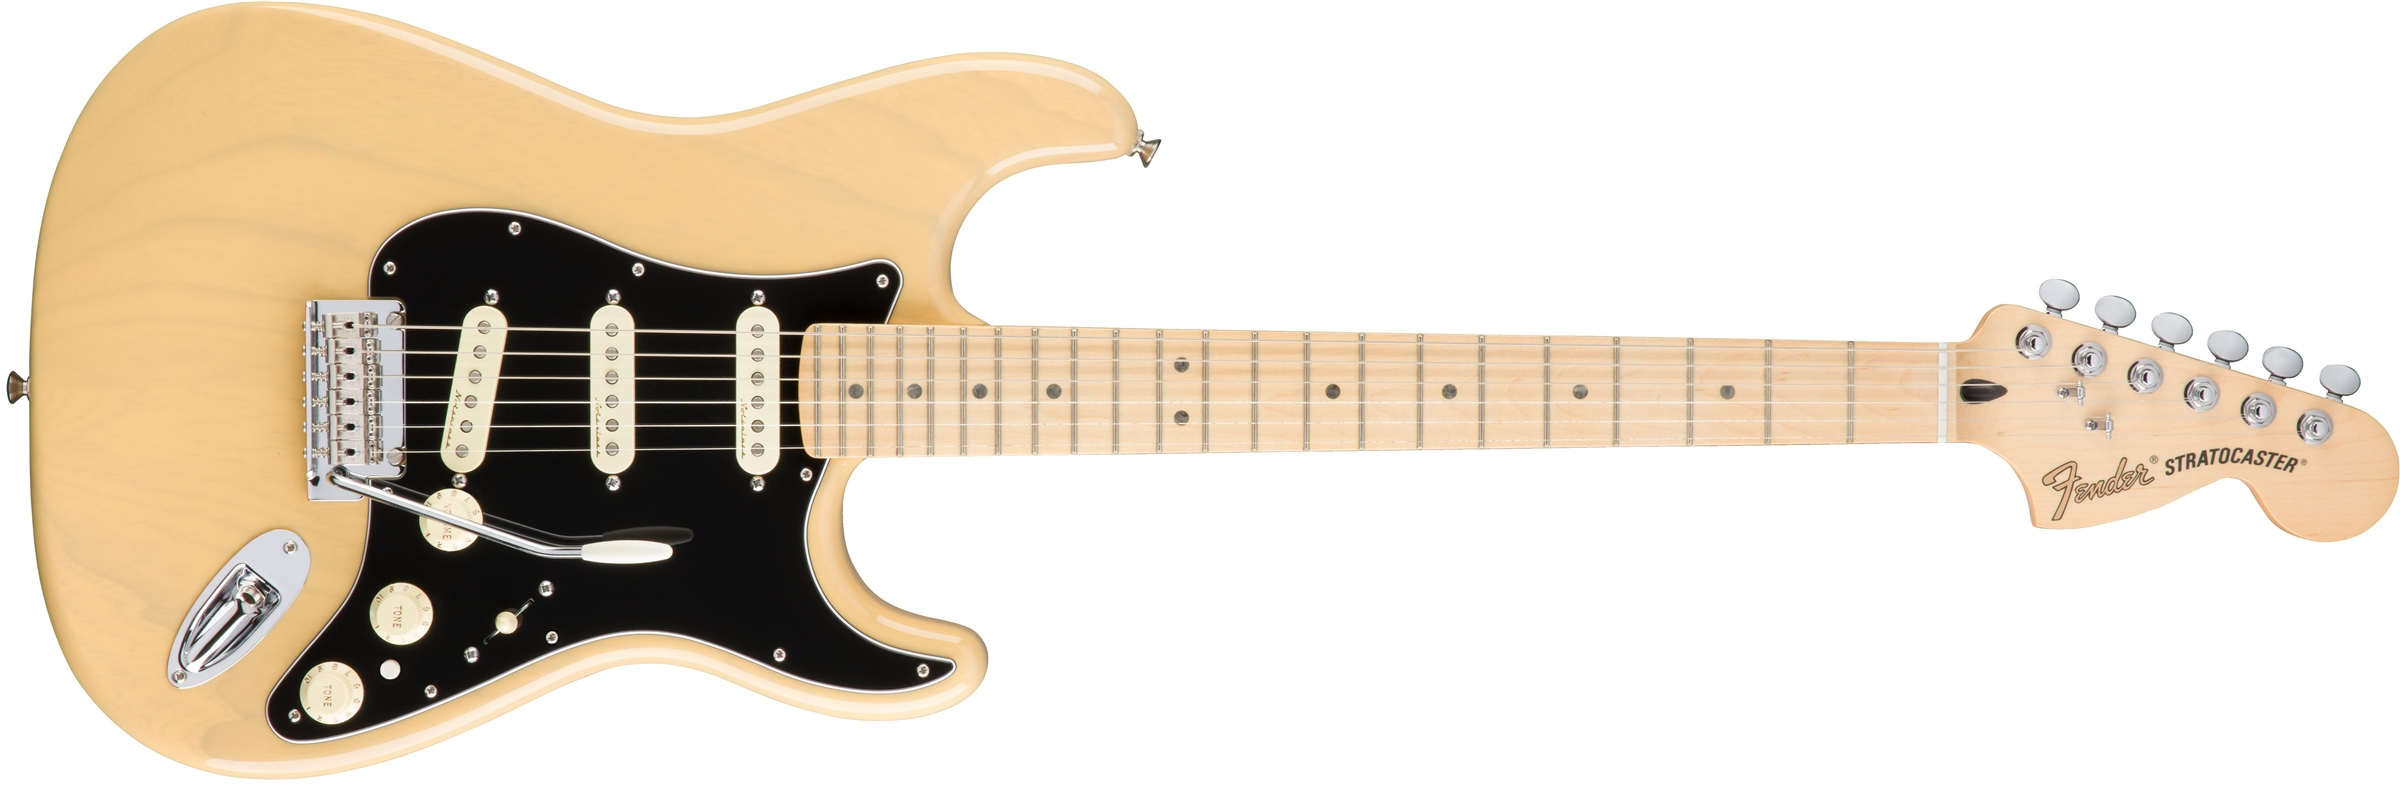 Fender Deluxe Strat 2016